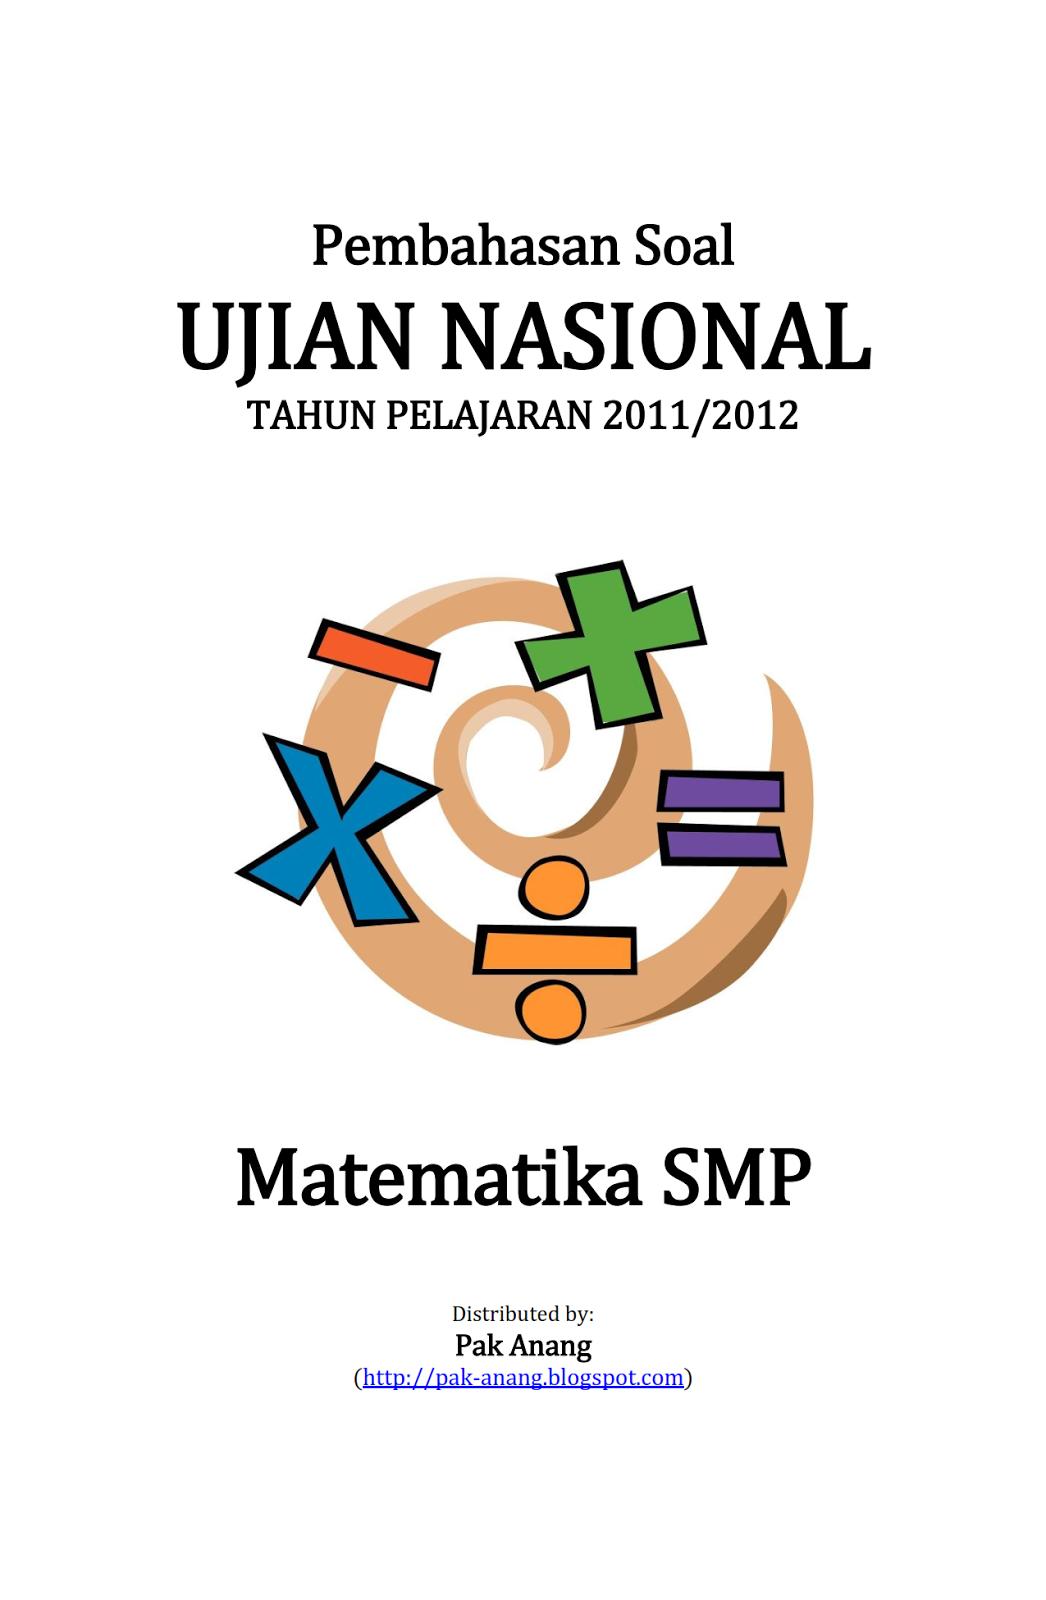 Pembahasan Soal Un Matematika Smp 2012 Belajar Bahasa Inggris Dan Grammar Bahasa Inggris